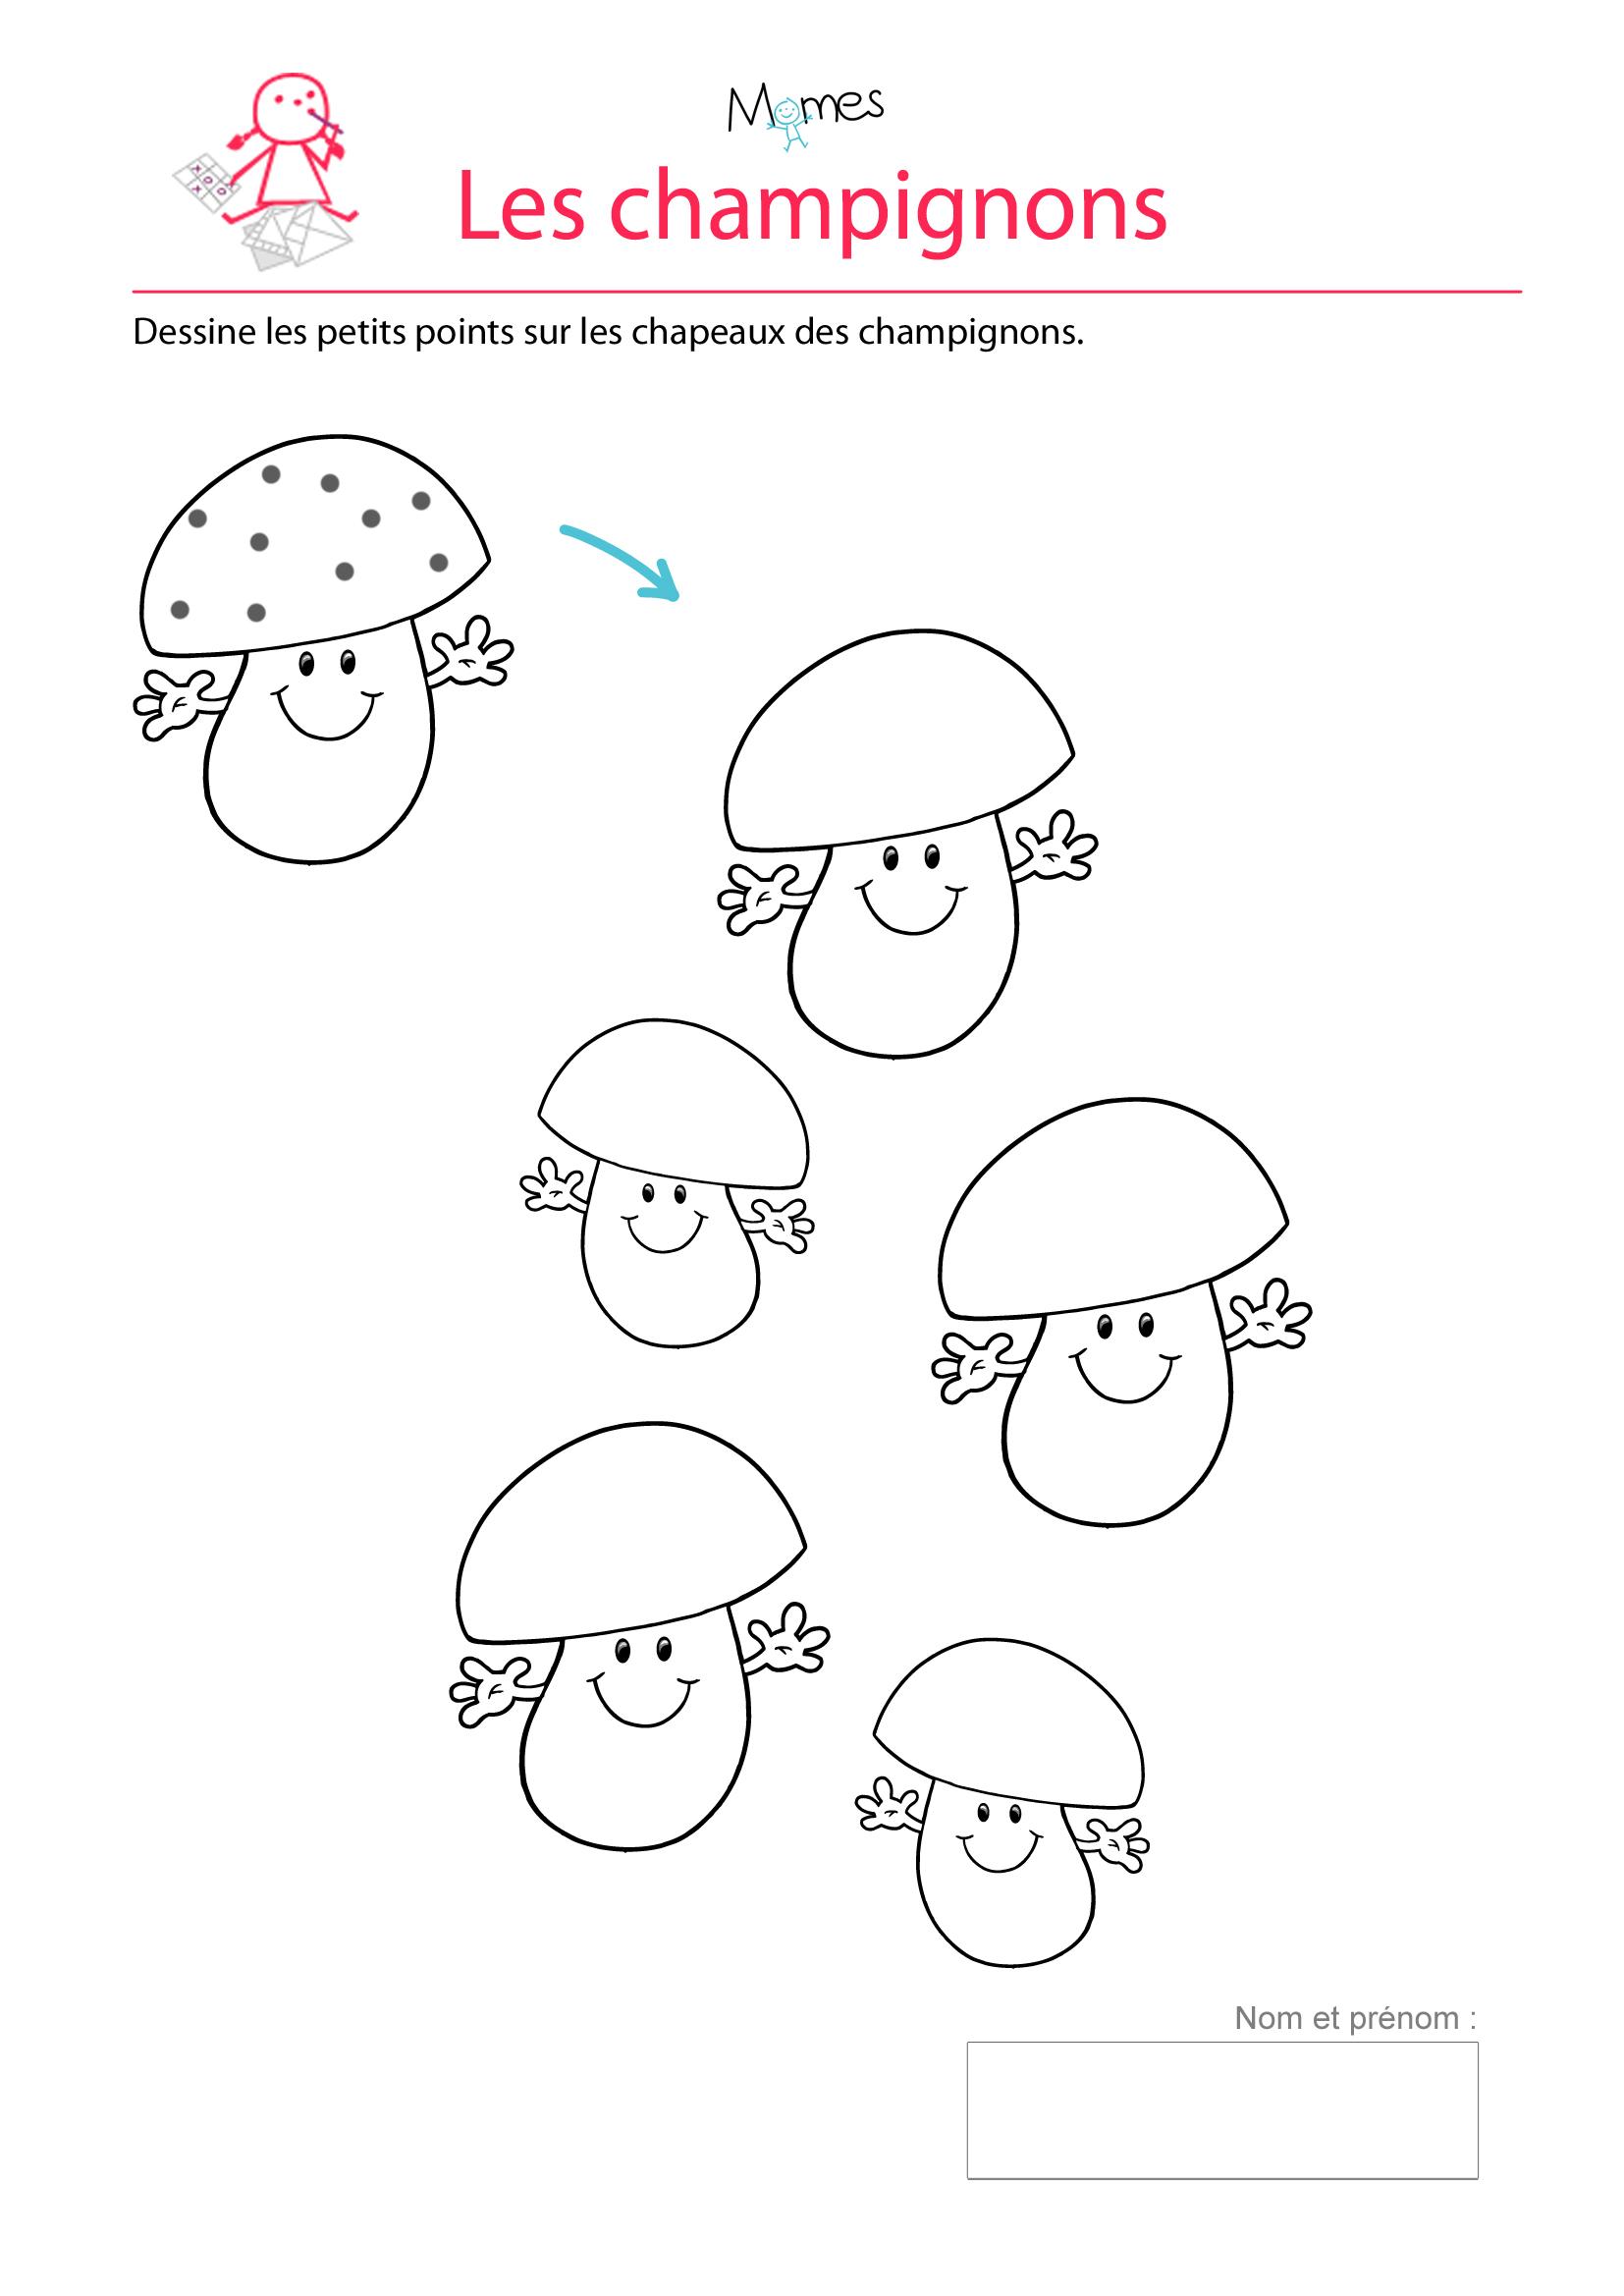 Des champignons pois exercice - Application pour reconnaitre les champignons ...